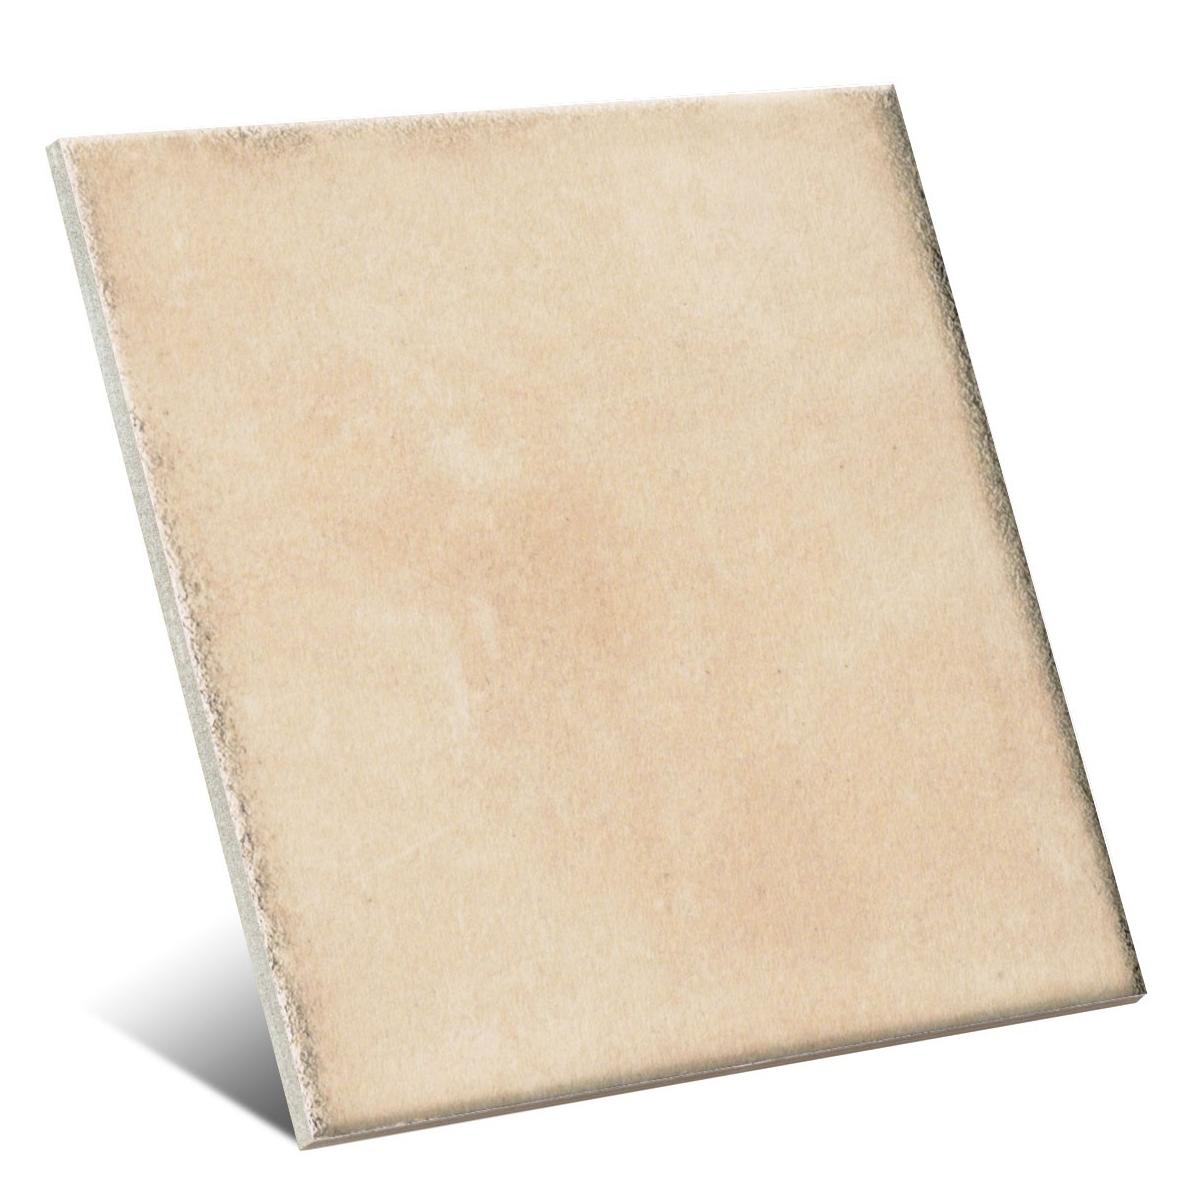 Suelo y azulejos Base esenzia grano (m2) imitación hidráulico barato